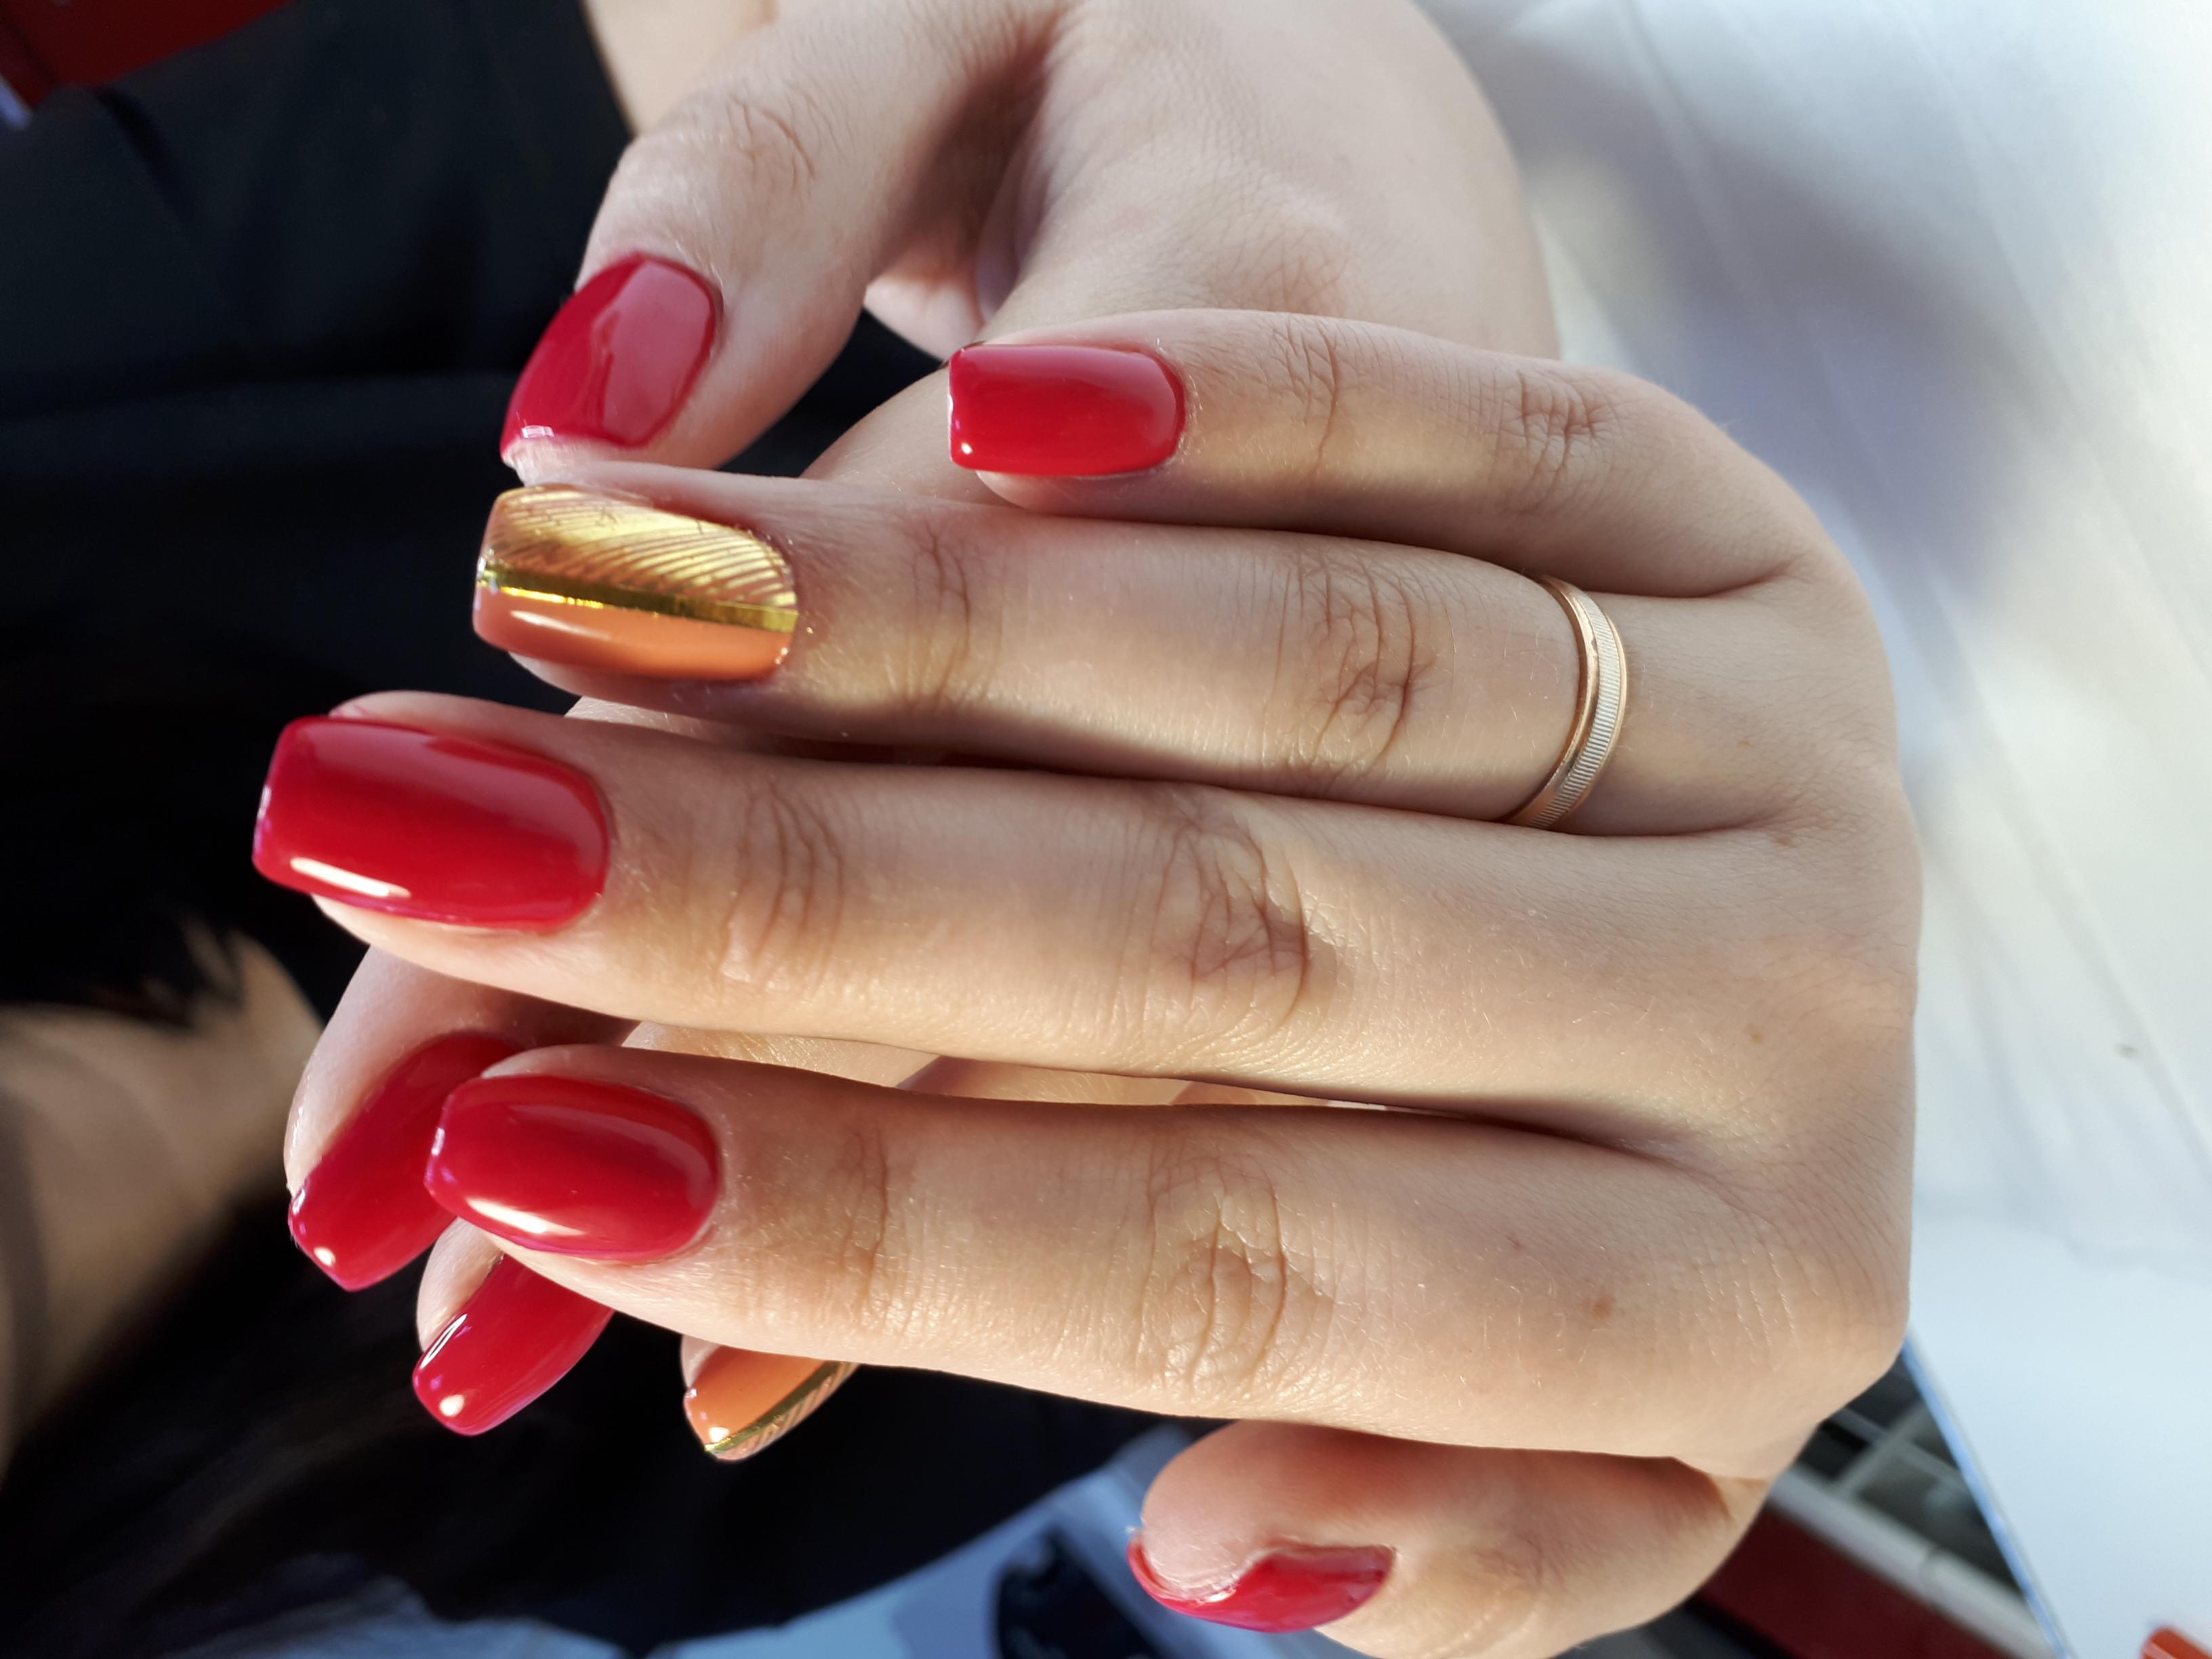 Однотонный маникюр в красном цвете с золотыми полосками.